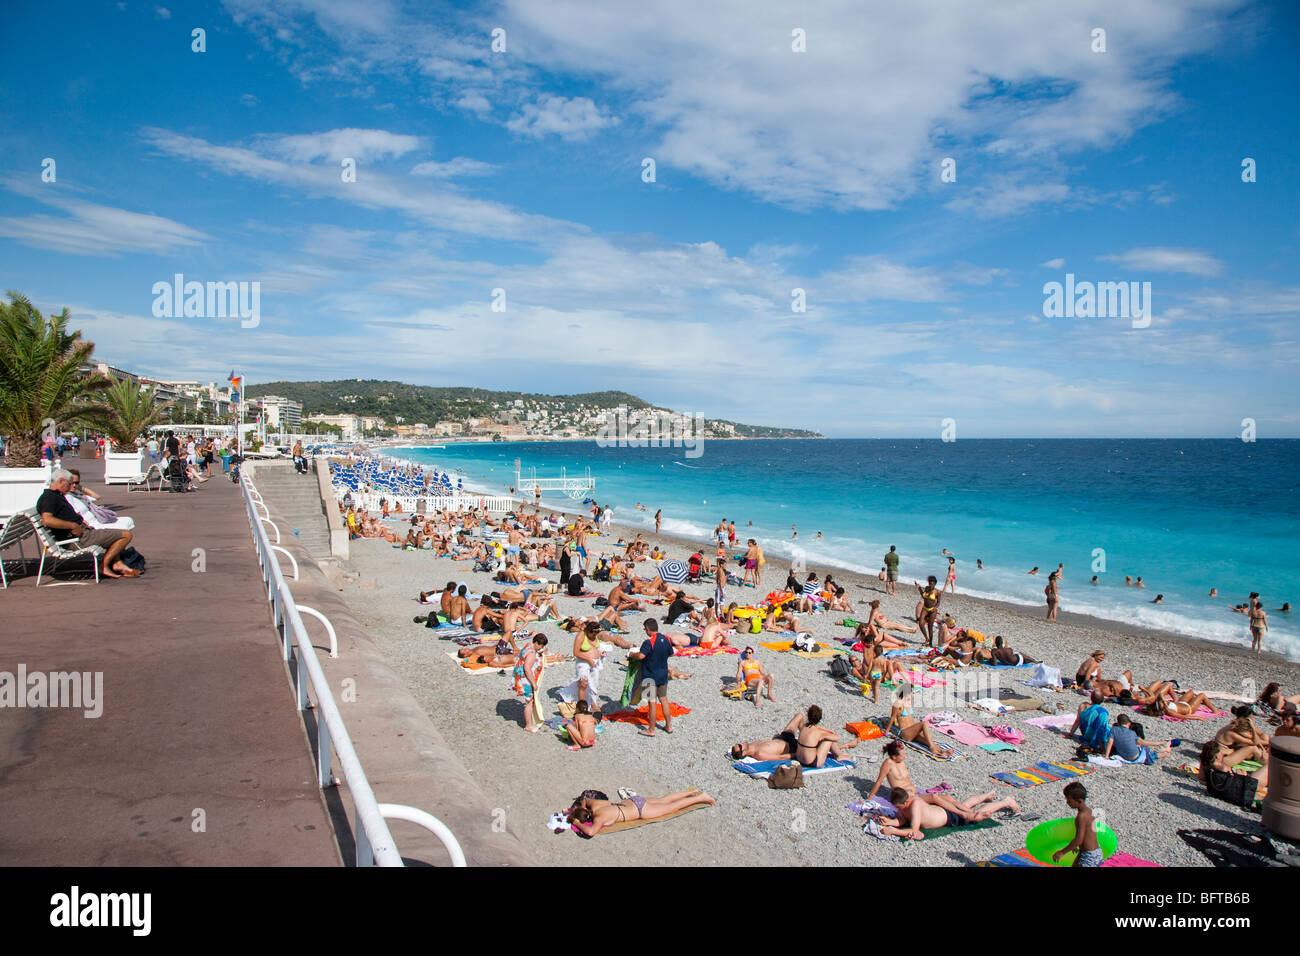 Spiaggia accanto al Promenade des Anglais, Nizza, Provenza, Francia Immagini Stock